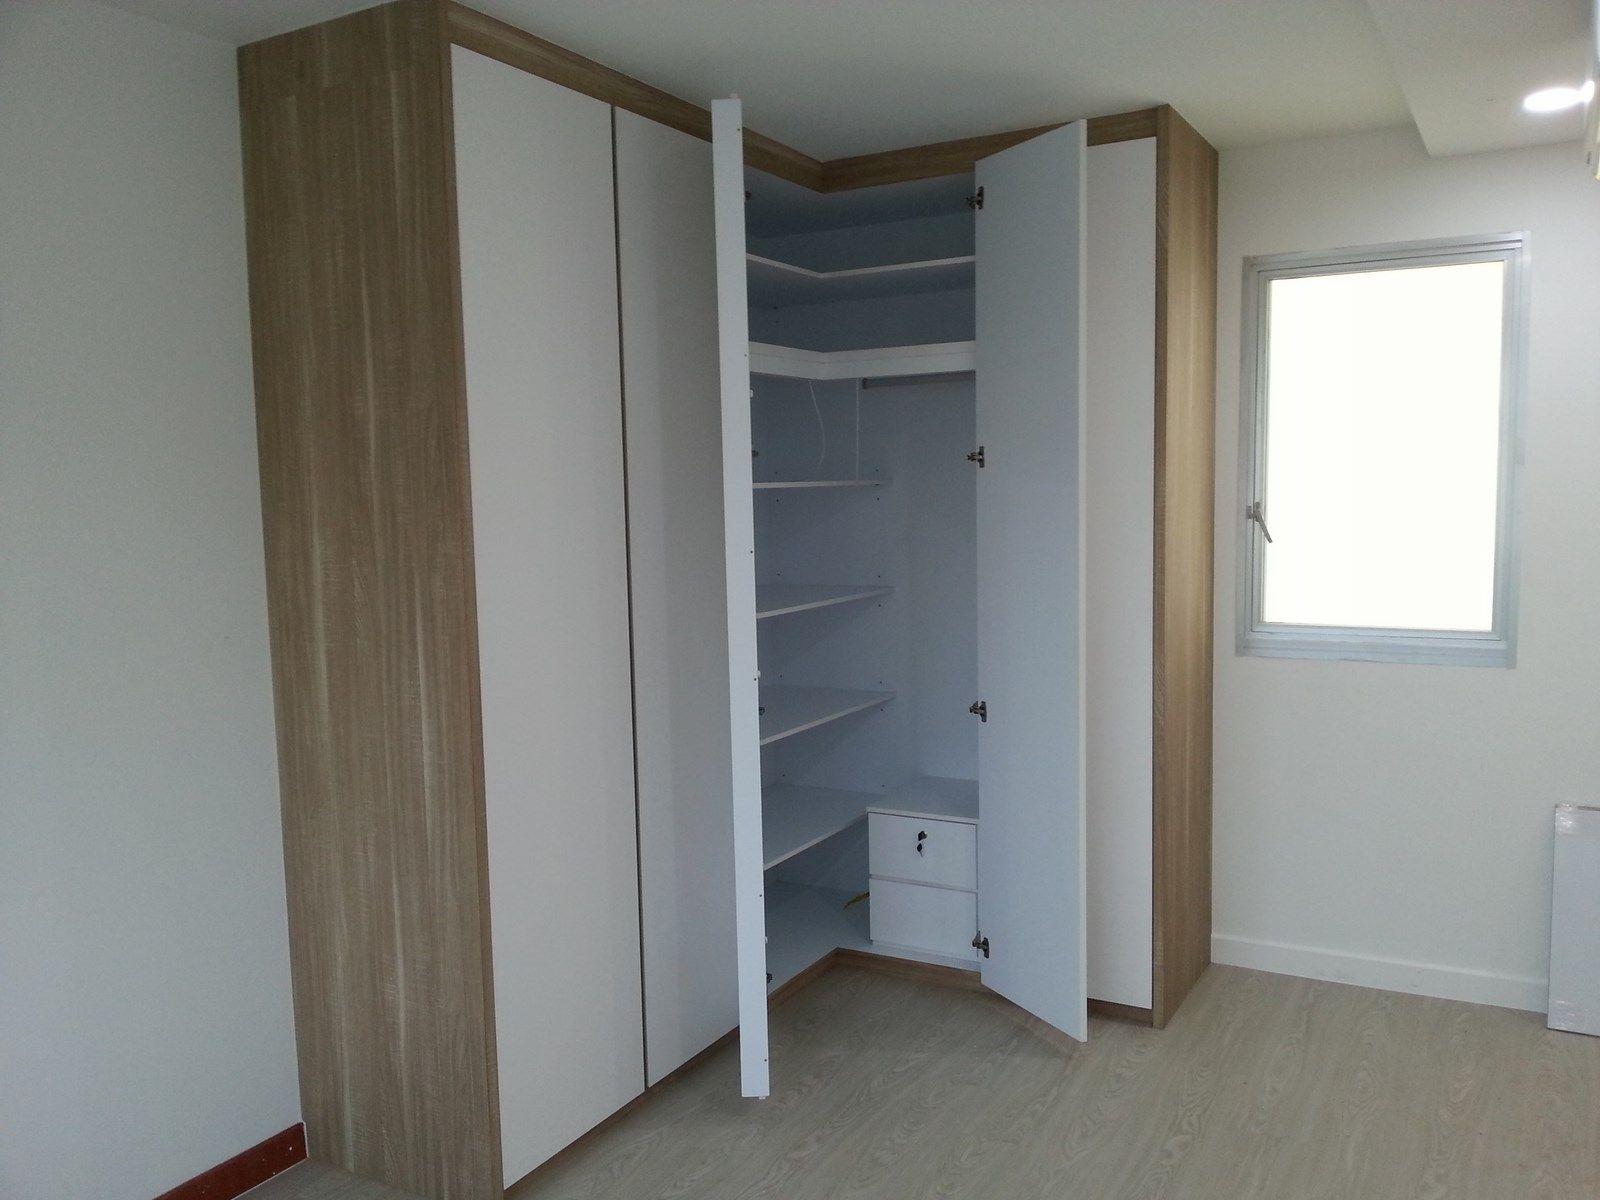 Gallery 54206 10 reno bedroom pinterest bedrooms corner closet and bedroom closets - Corner wardrobe design ...